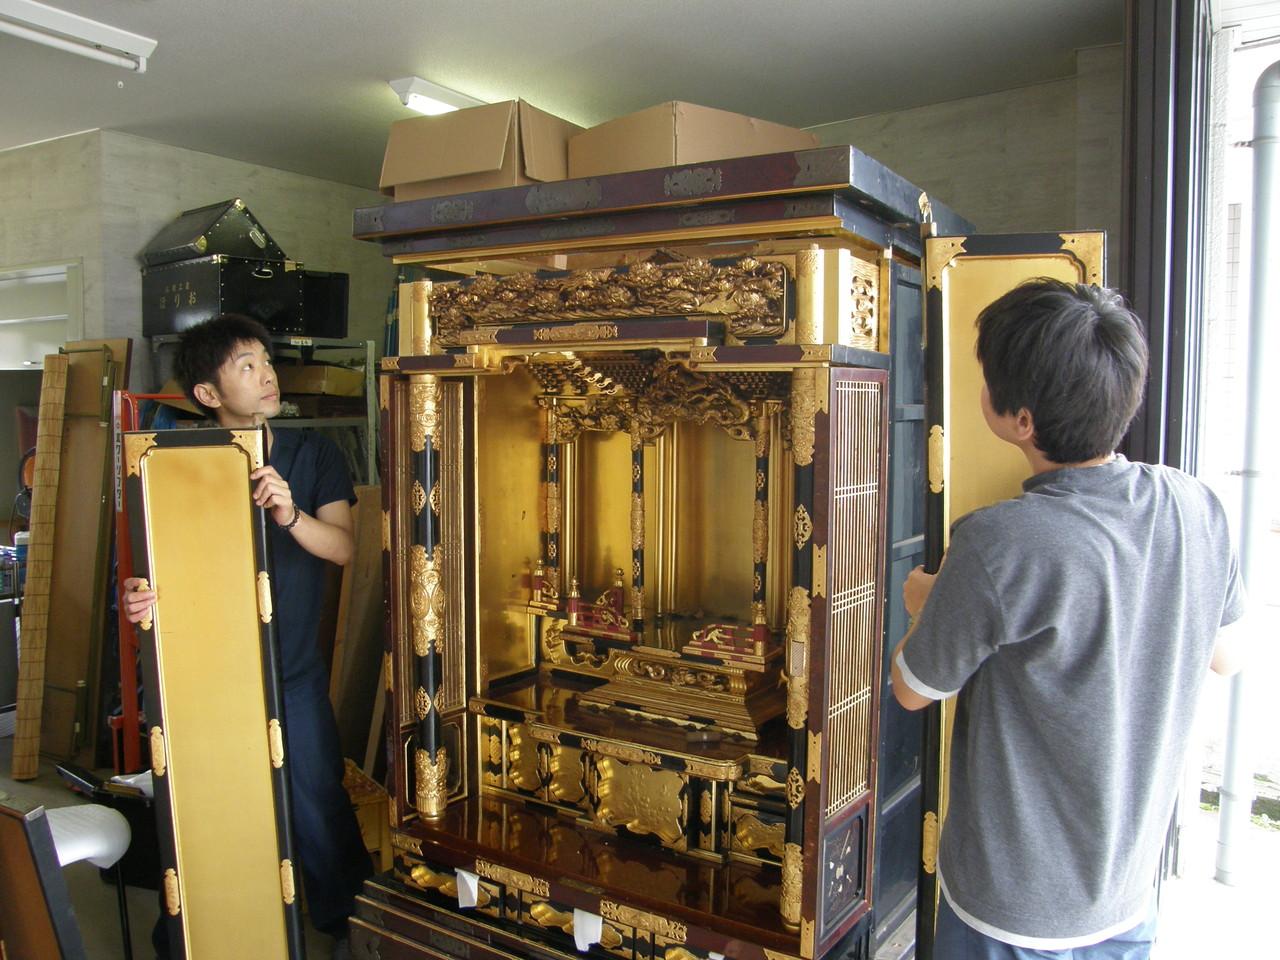 仏壇洗濯・修理 本体から扉の軸を外す。